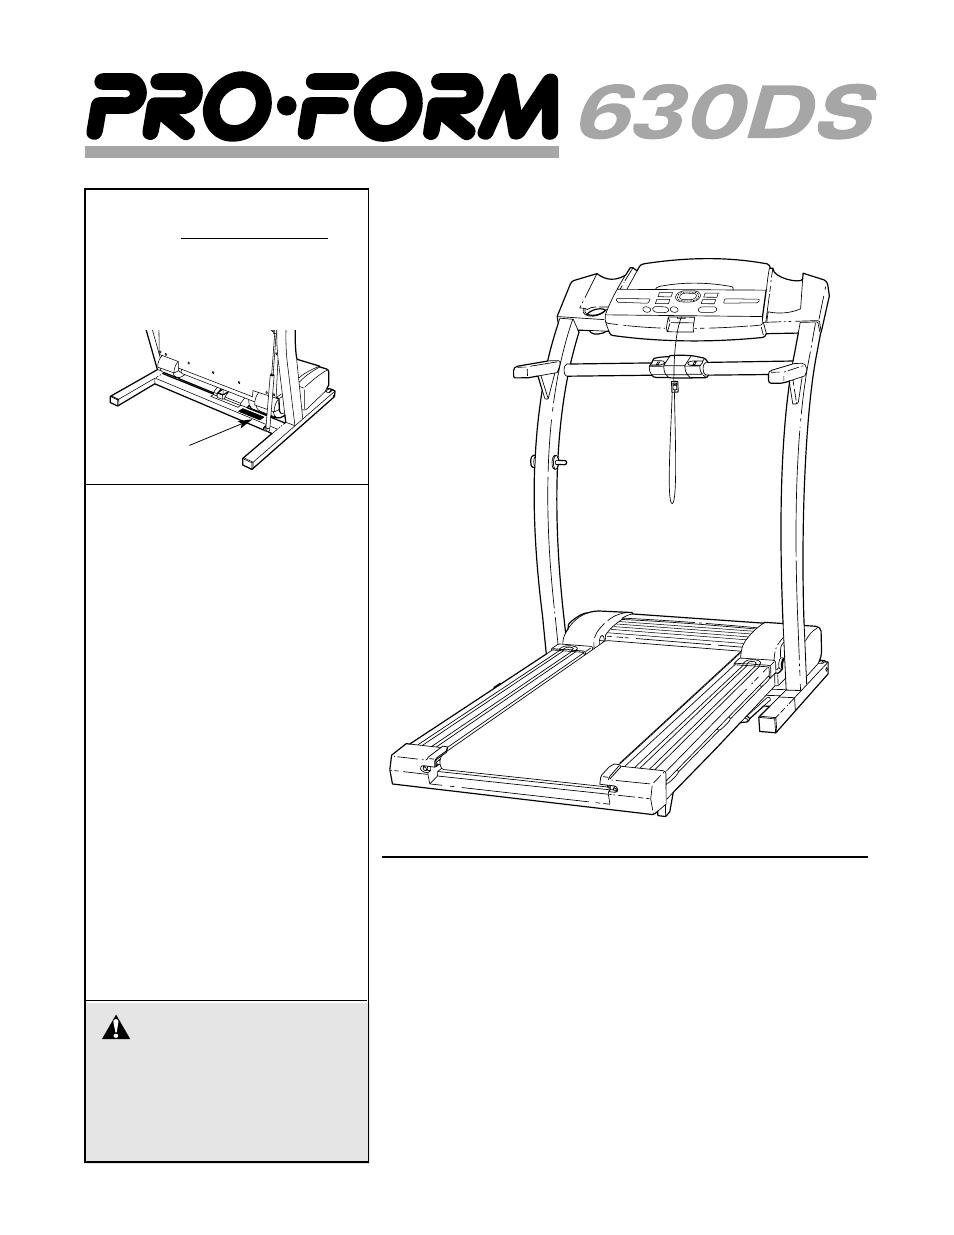 proform 630 ds user manual 22 pages rh manualsdir com ProForm XP 650E Proform 630DS Review